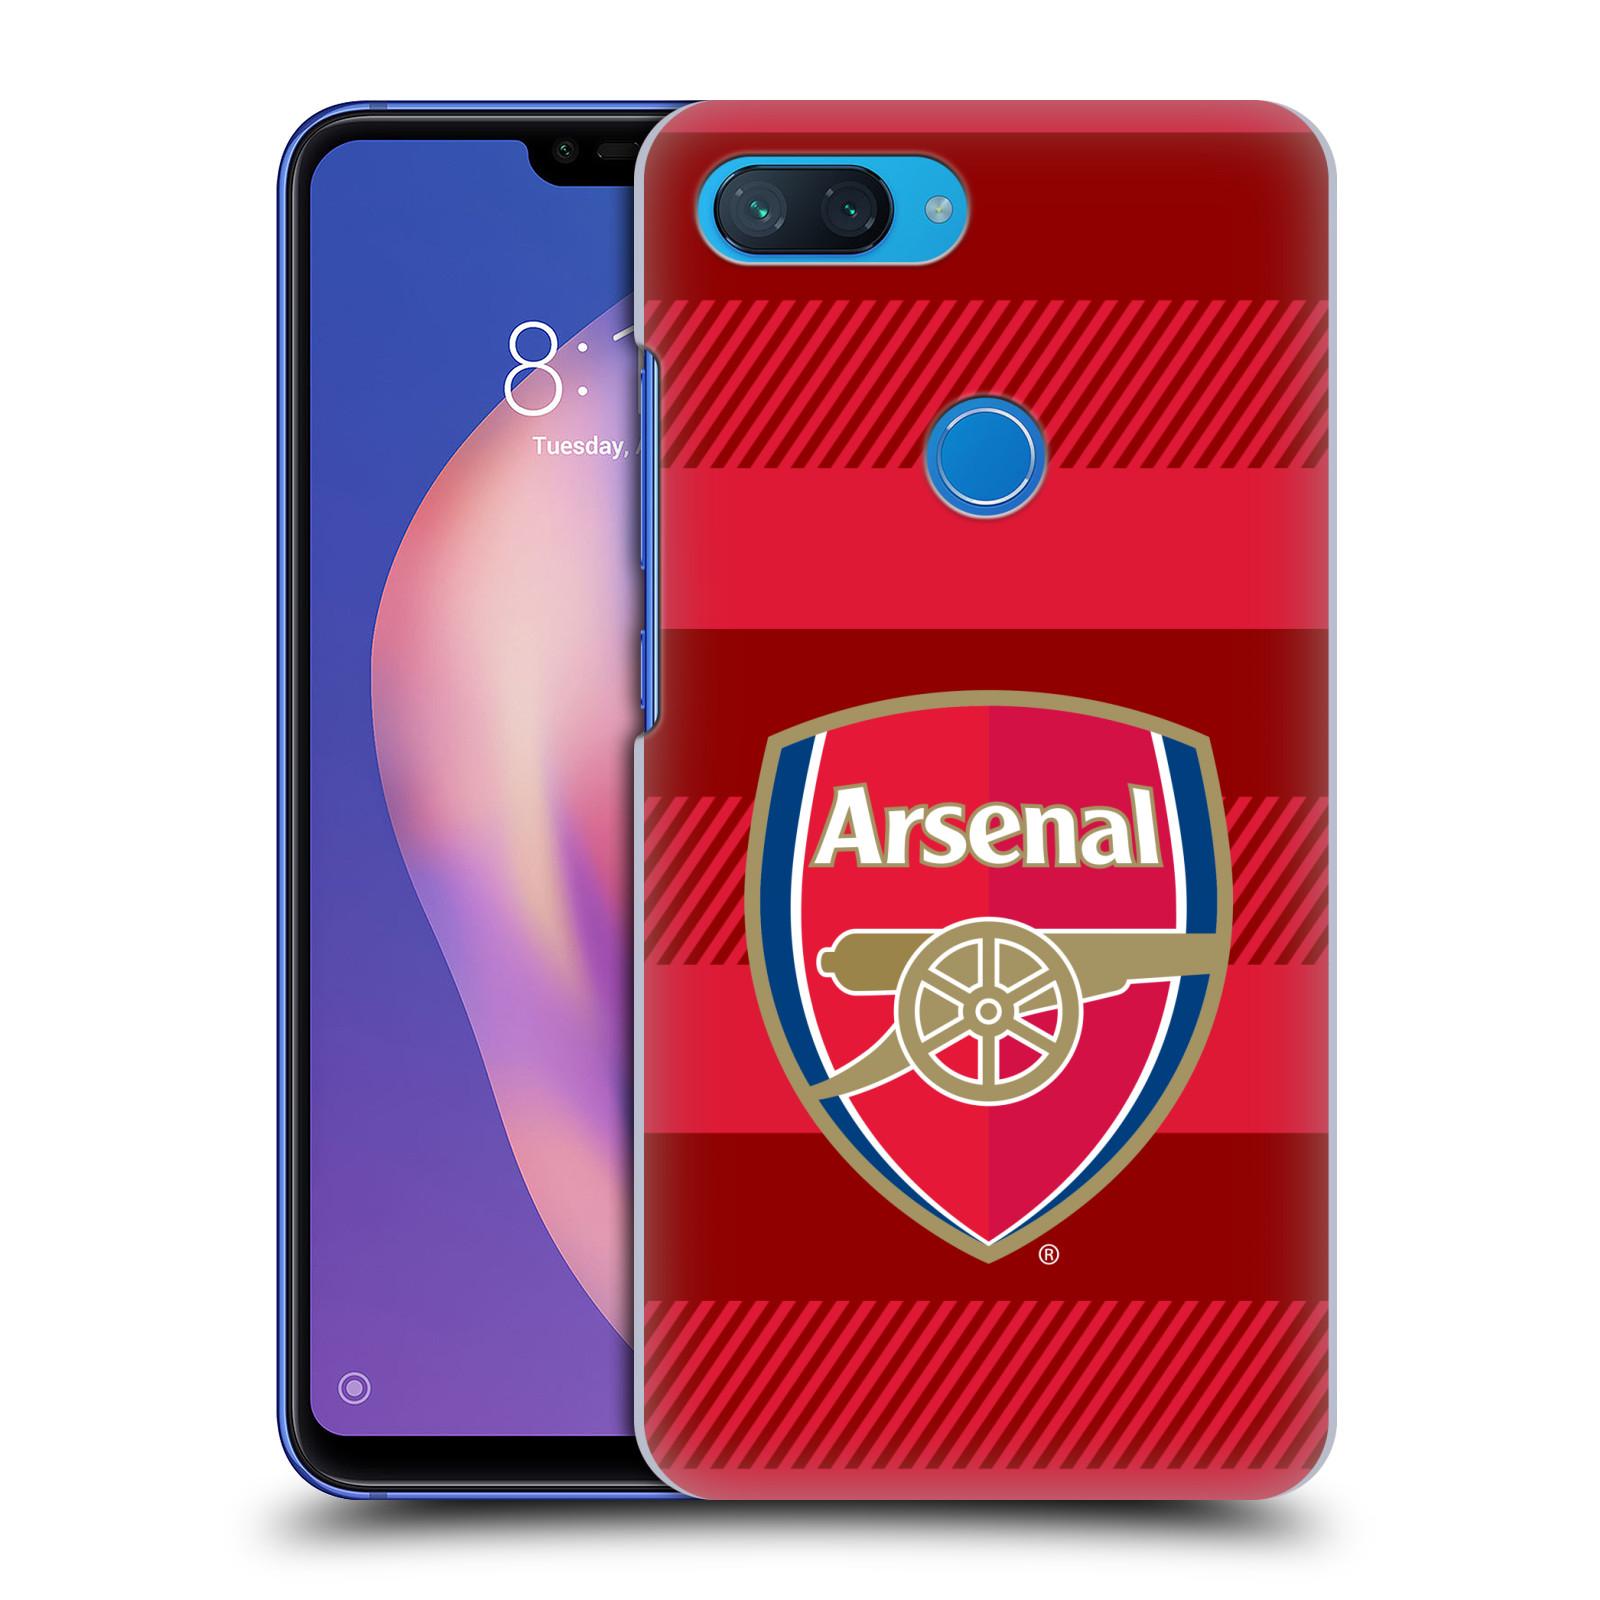 Plastové pouzdro na mobil Xiaomi Mi 8 Lite - Head Case - Arsenal FC - Logo s pruhy